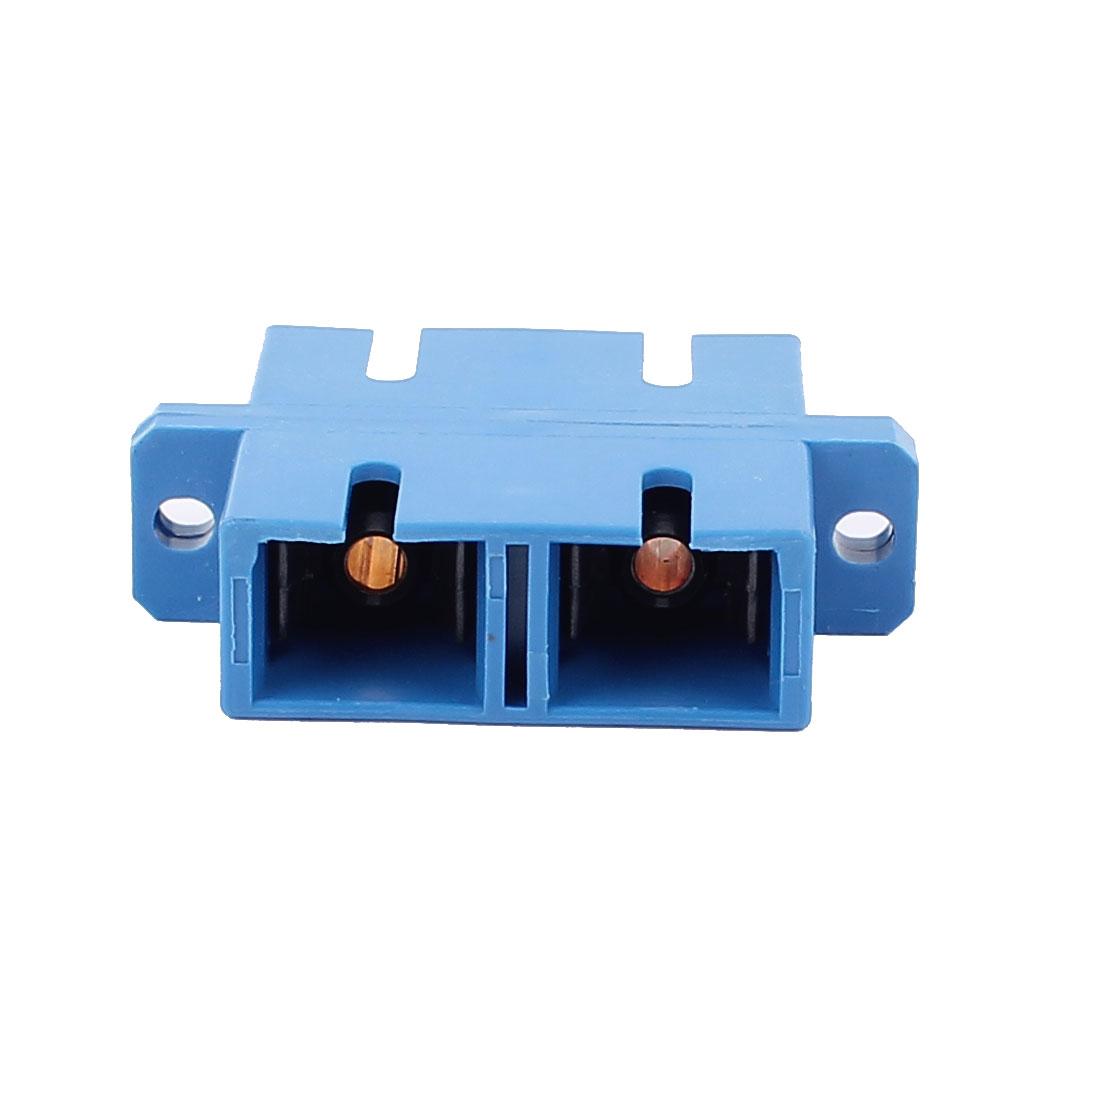 SC-SC Duplex MM/SM Fibre Optical Connector Bare Fiber Optic Adapter